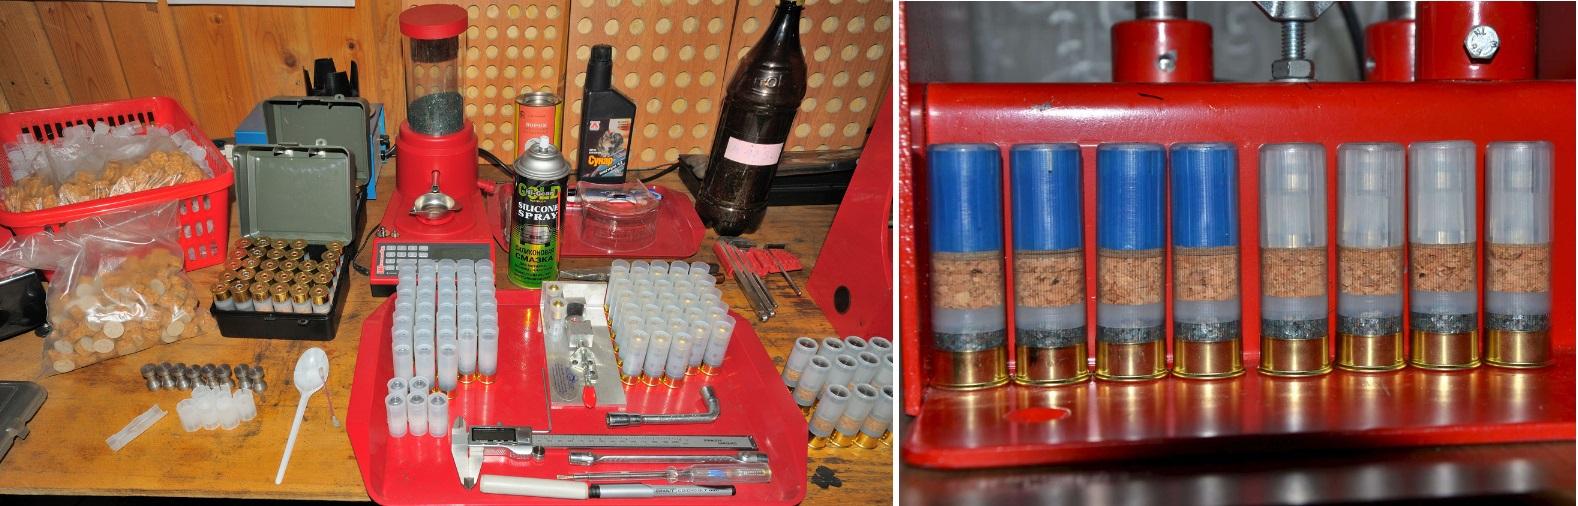 станки для снаряжения патронов 12 калибра